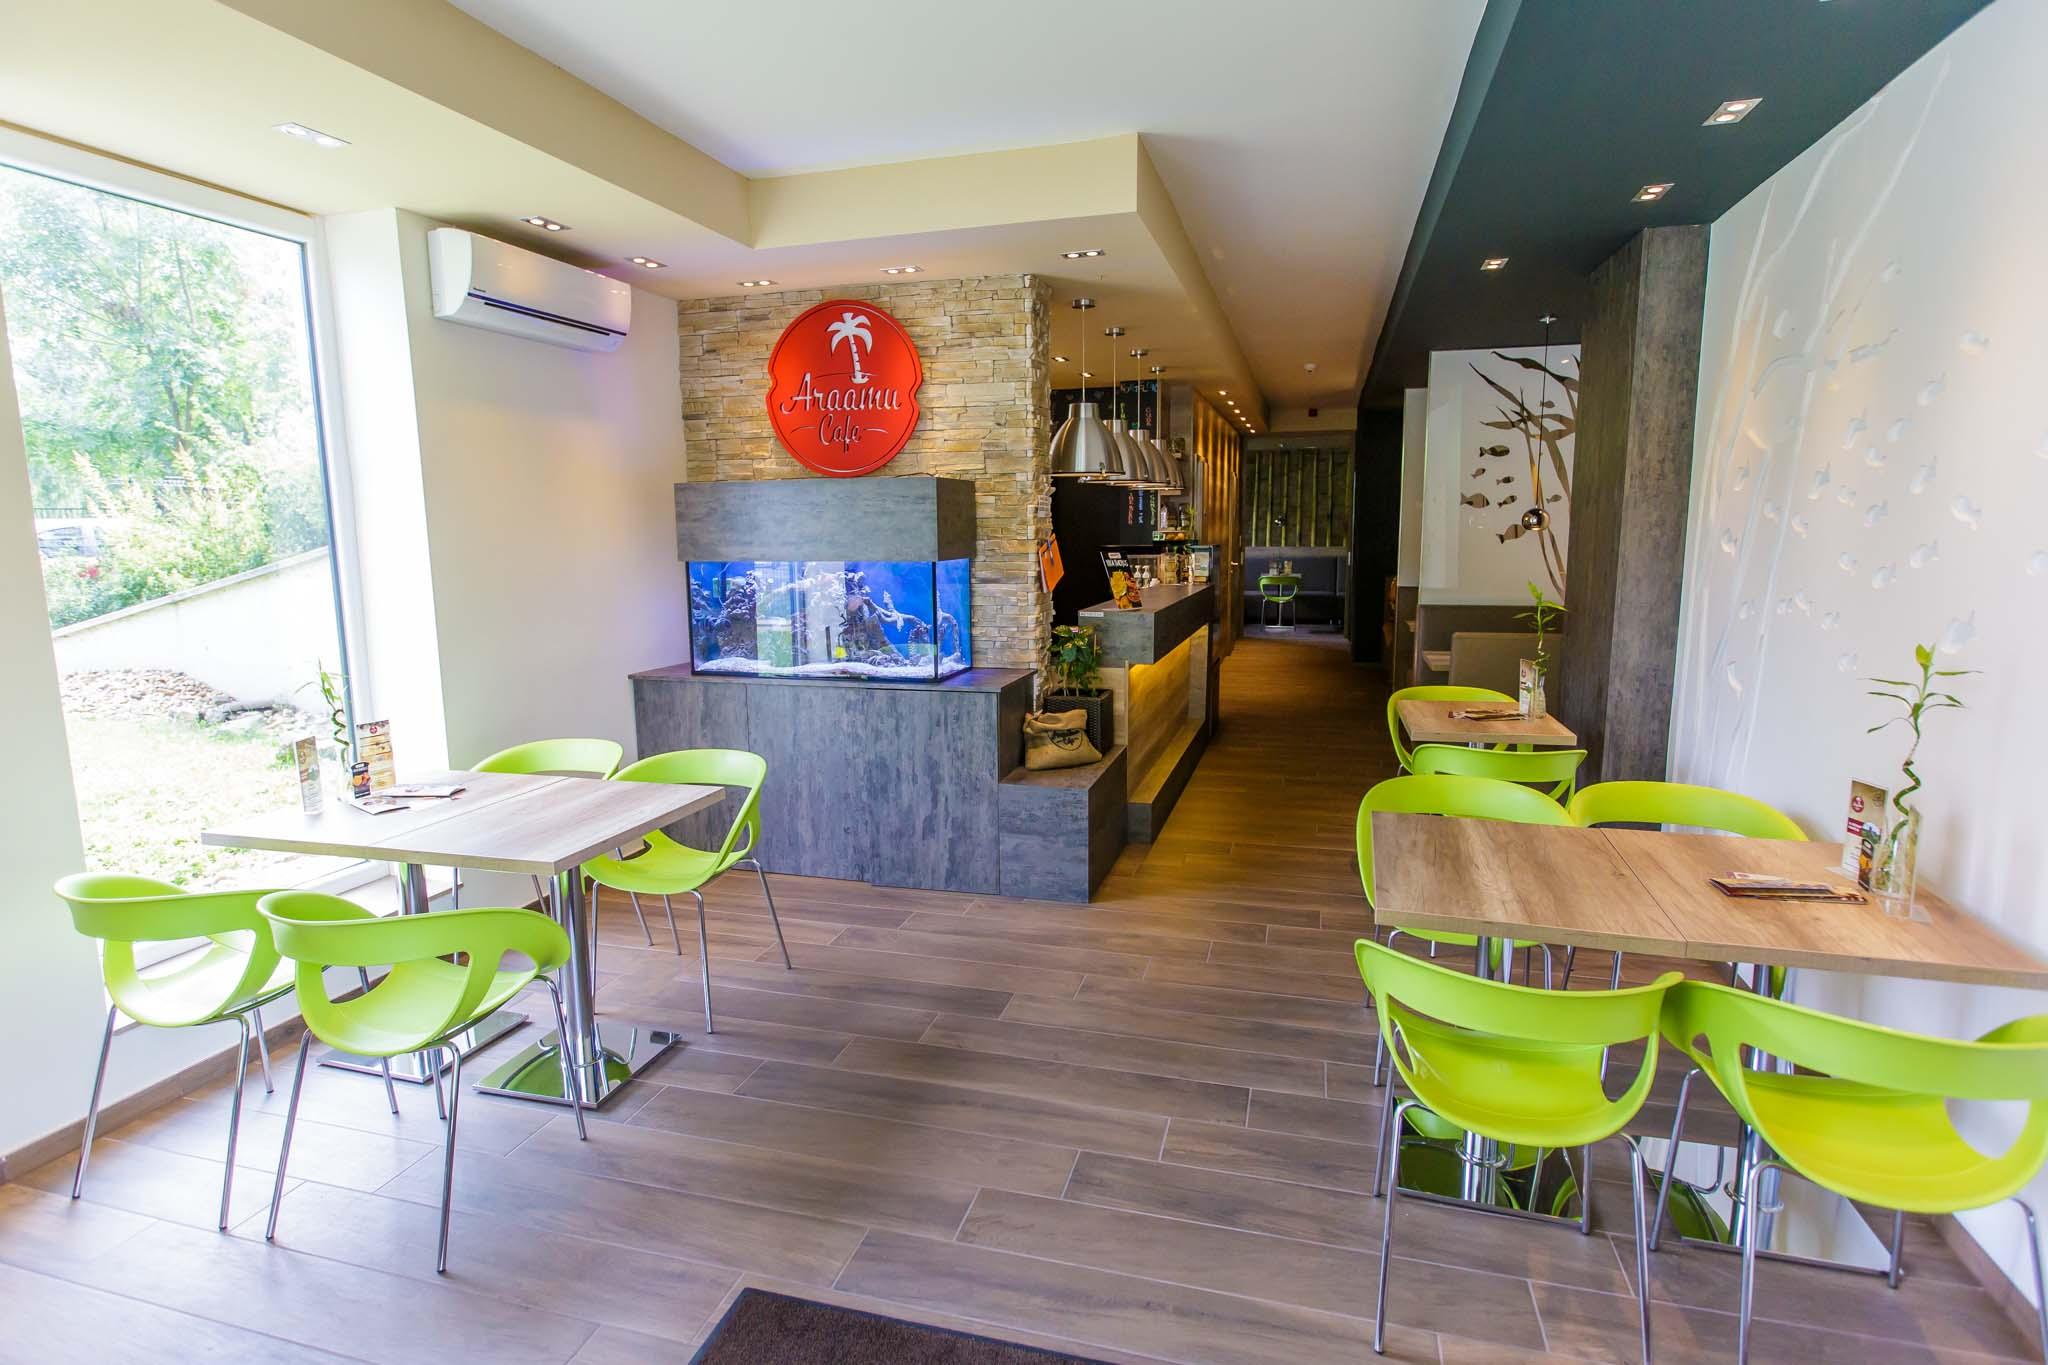 Araamu Cafe Profil kép